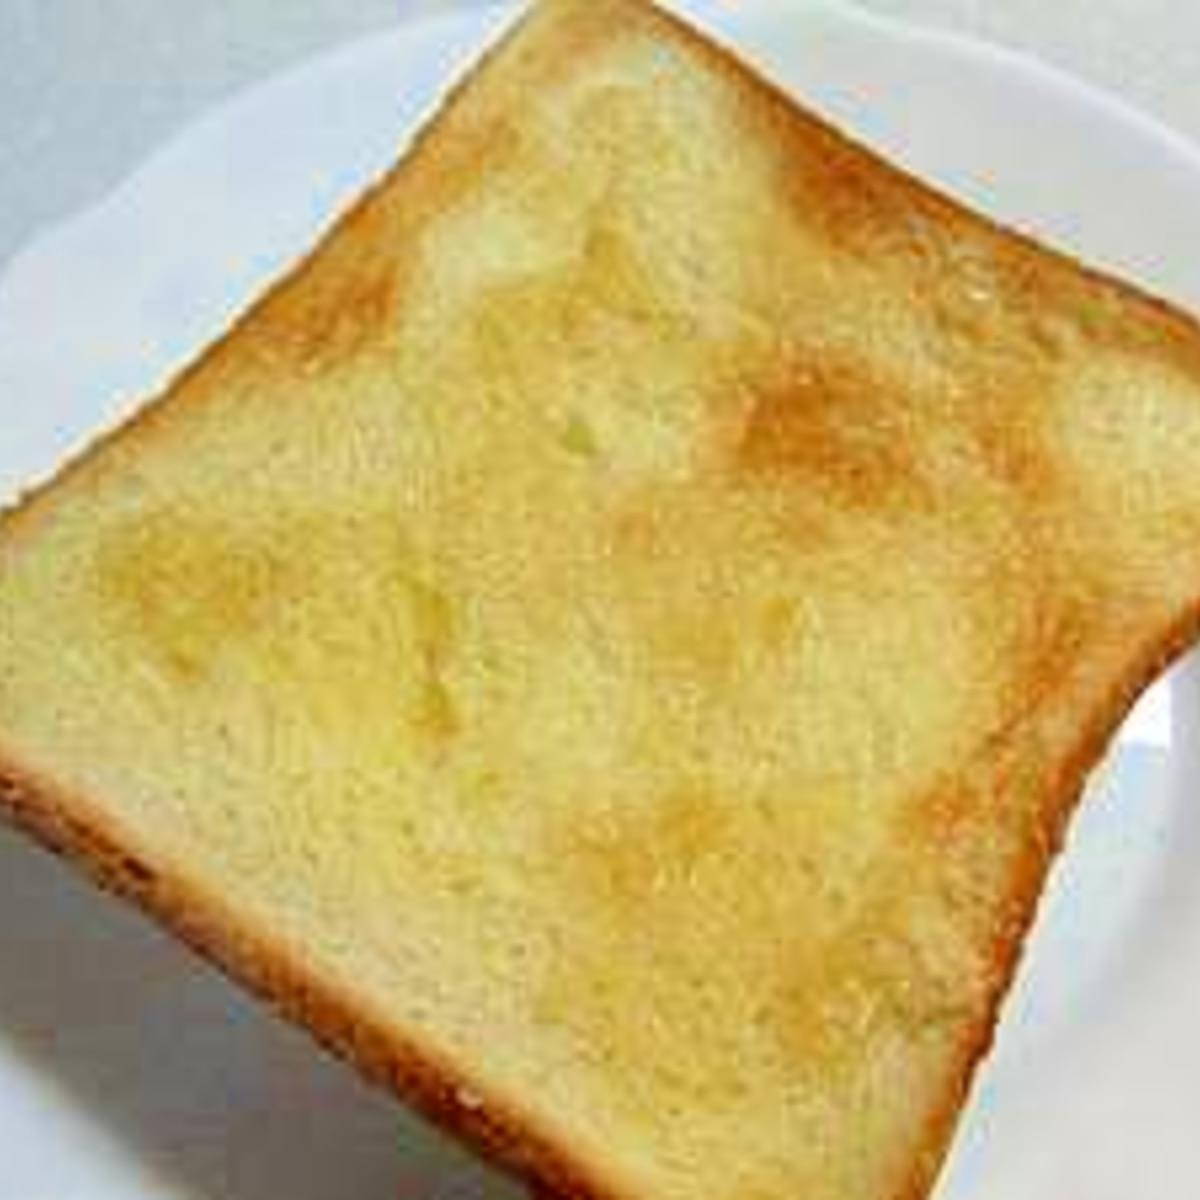 トースト シュガー おうちでシュガートースト💛「塗って焼くだけ(*^▽^*)」こんな便利なものがあったのか♬